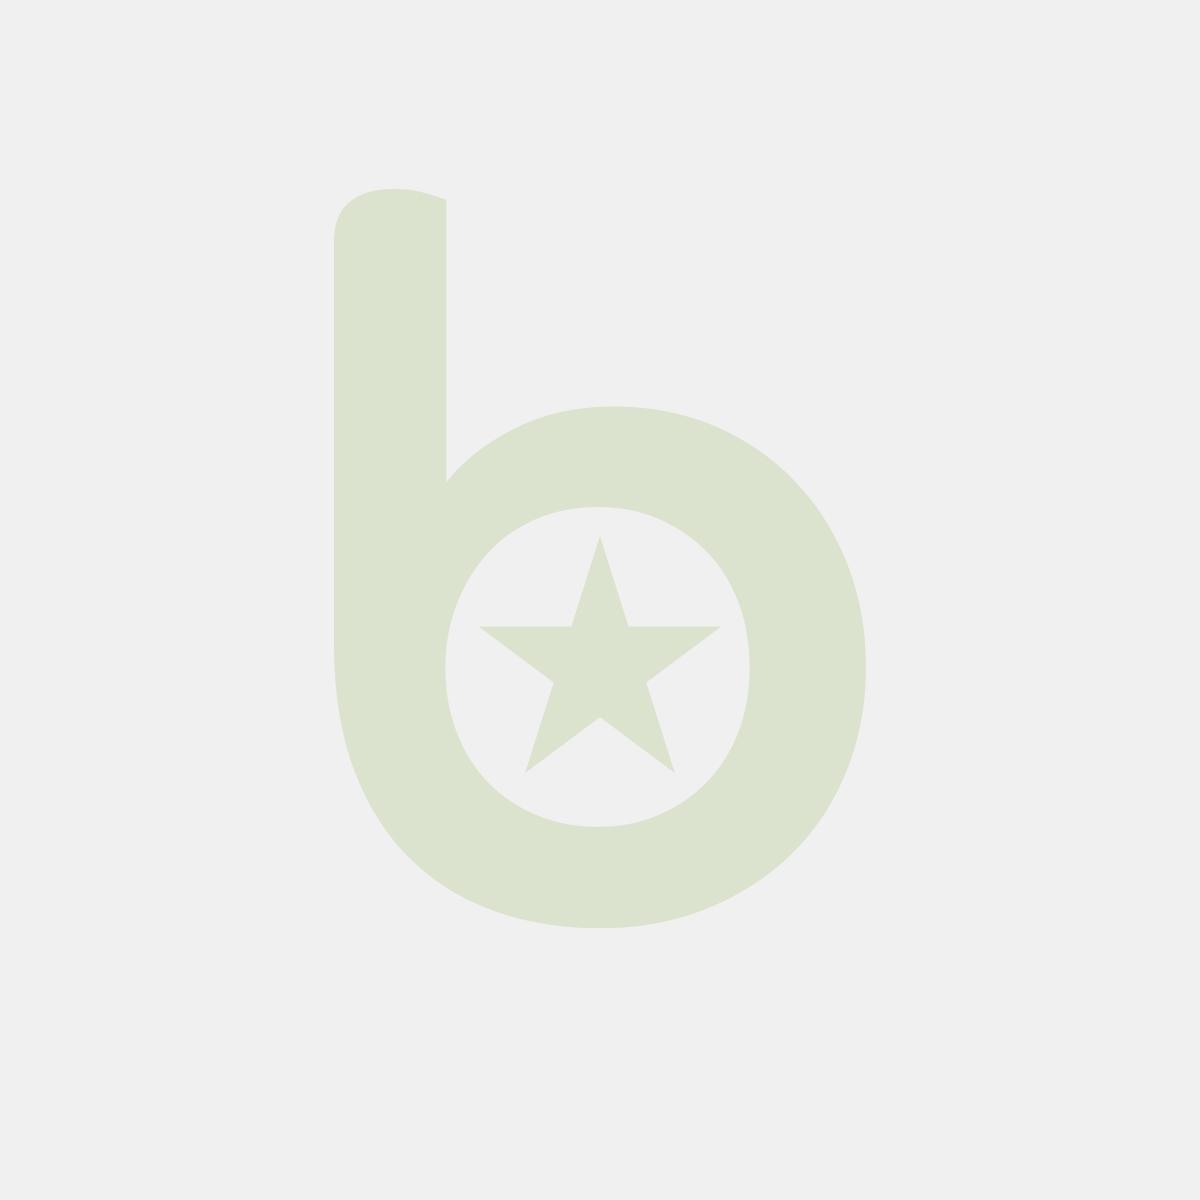 Torba szara BAGIETKA nadruk uniwersalny, cena za opakowanie 1000szt